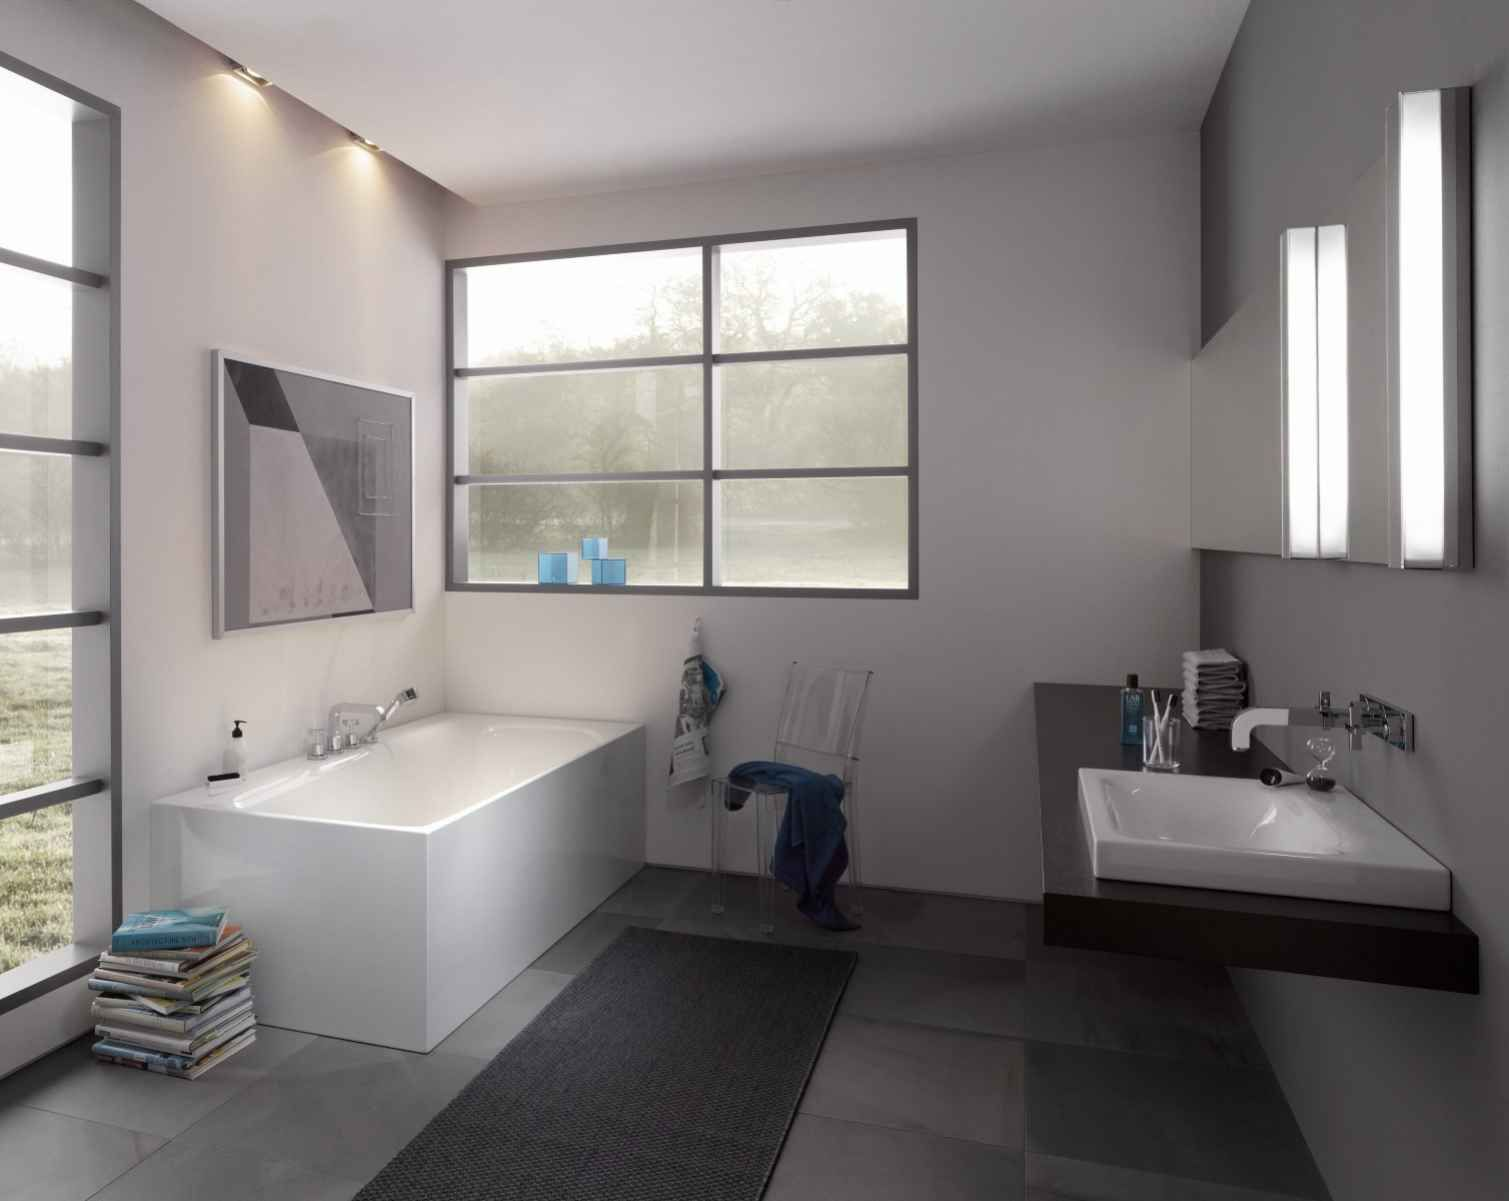 Badezimmer Badewanne ~ Badezimmer mit dusche und badewanne haus ideen